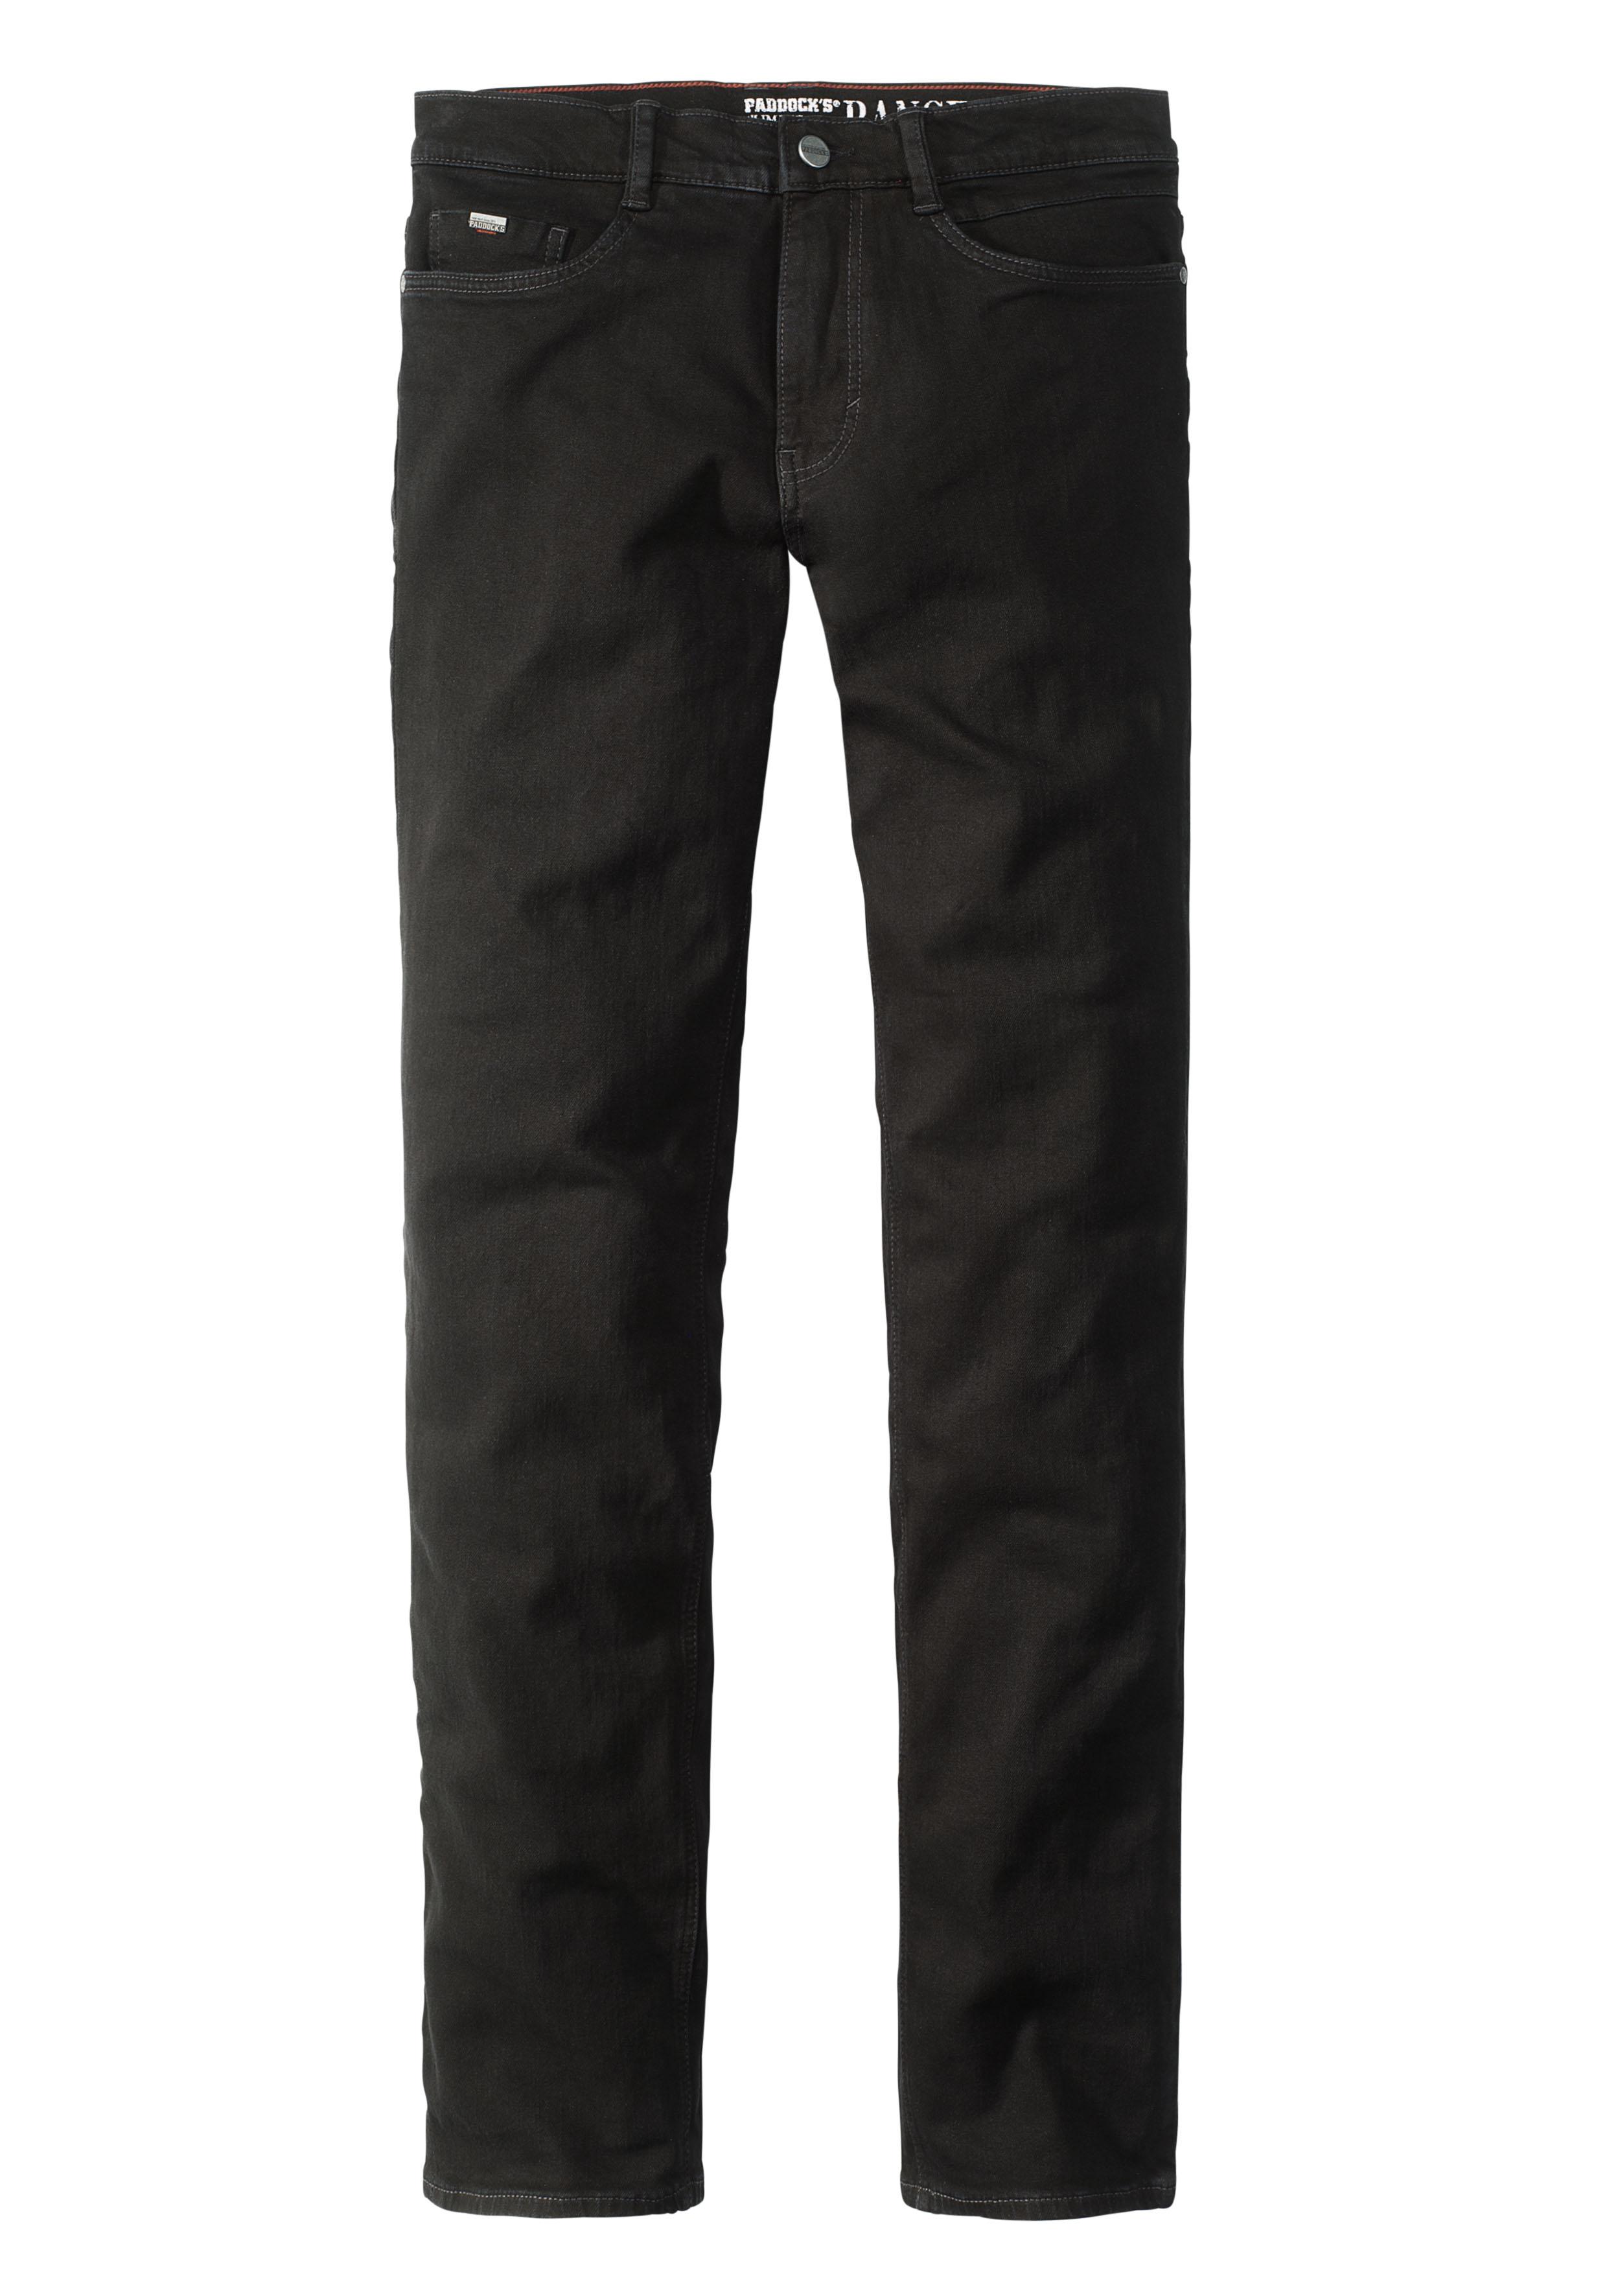 Paddocks Jeans, Ranger, zwart